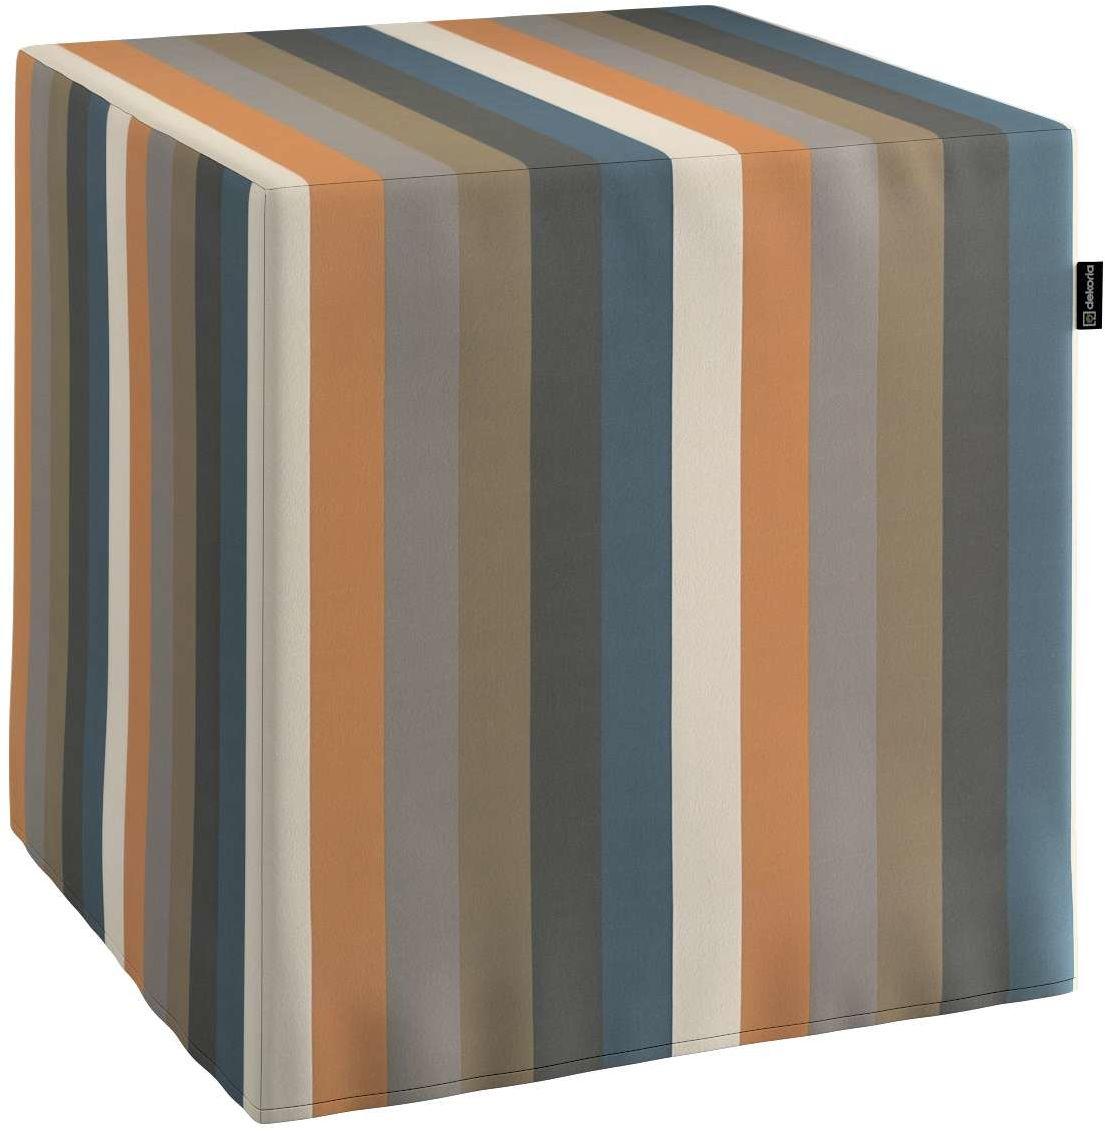 Pufa kostka, kolorowe pasy w rudo-brązowo-niebieskiej kolorystyce, 40  40  40 cm, Vintage 70''s